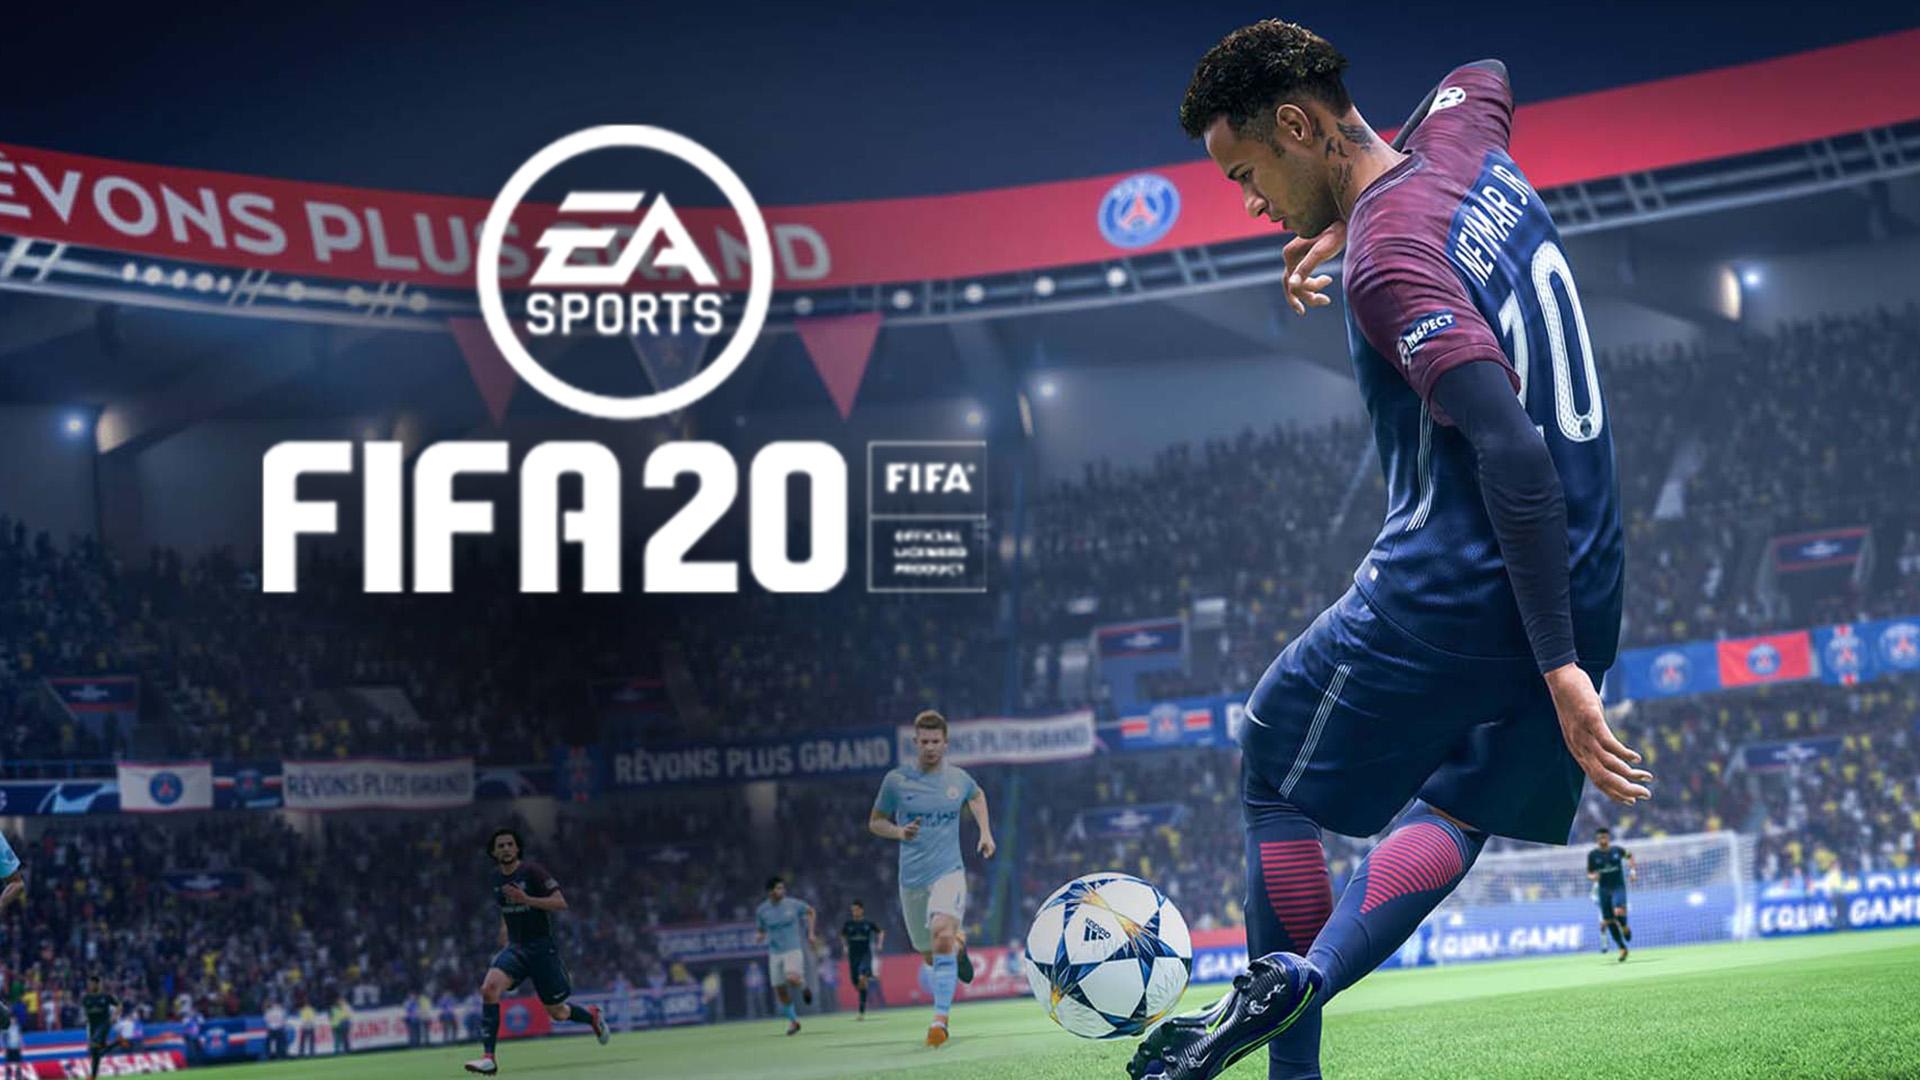 FIFA 20 - Quels joueurs ont 5 étoiles en gestes techniques ?